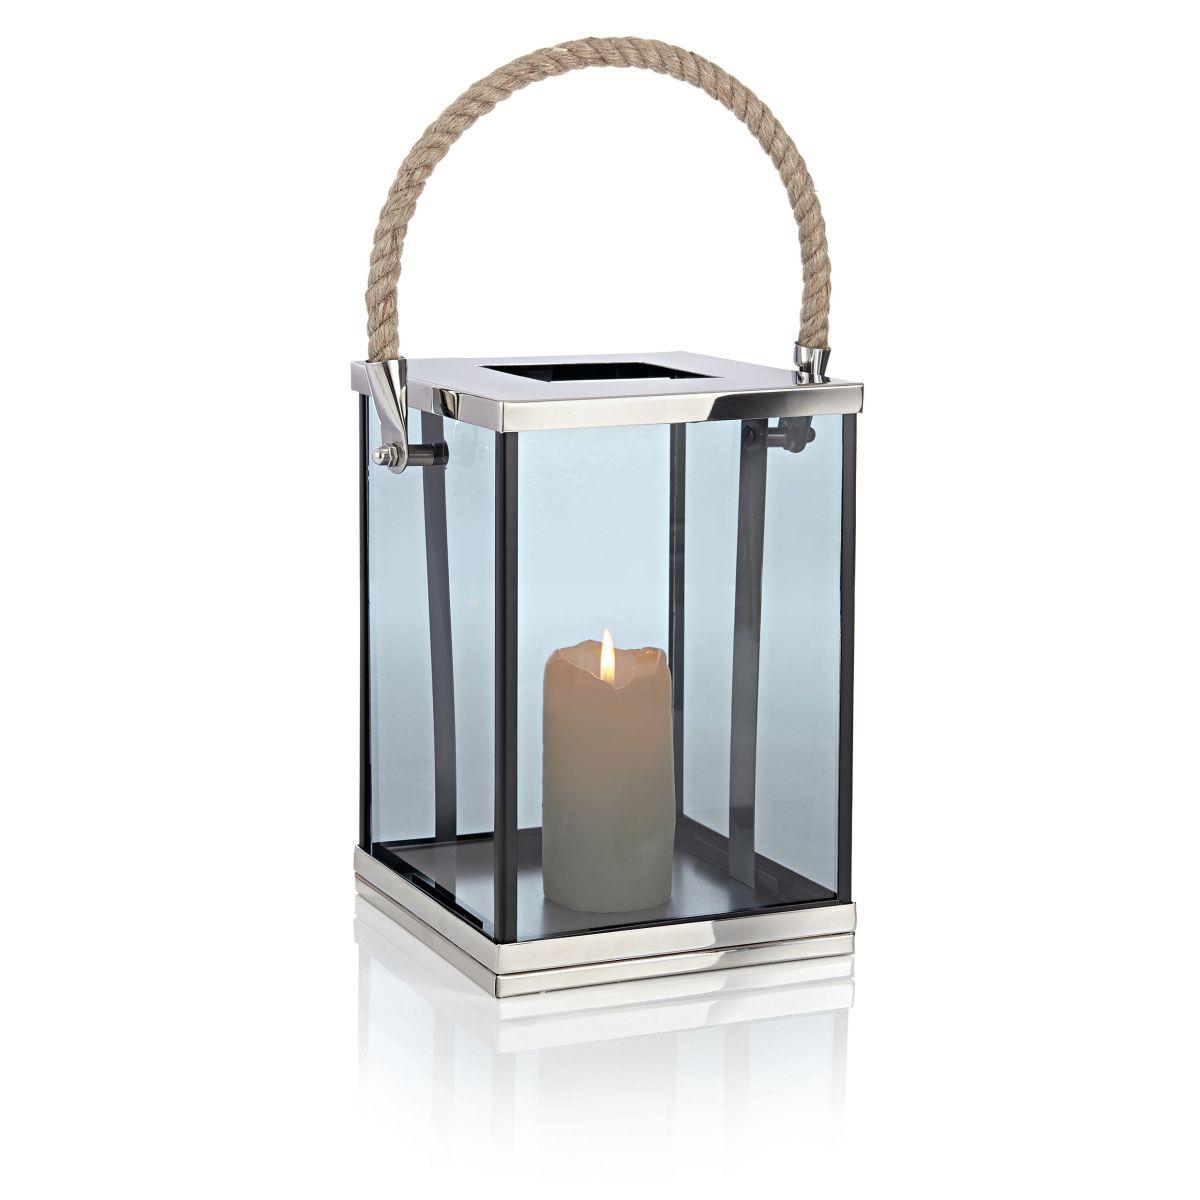 Windlicht, Glas, Edlstahl, Metall, Jute